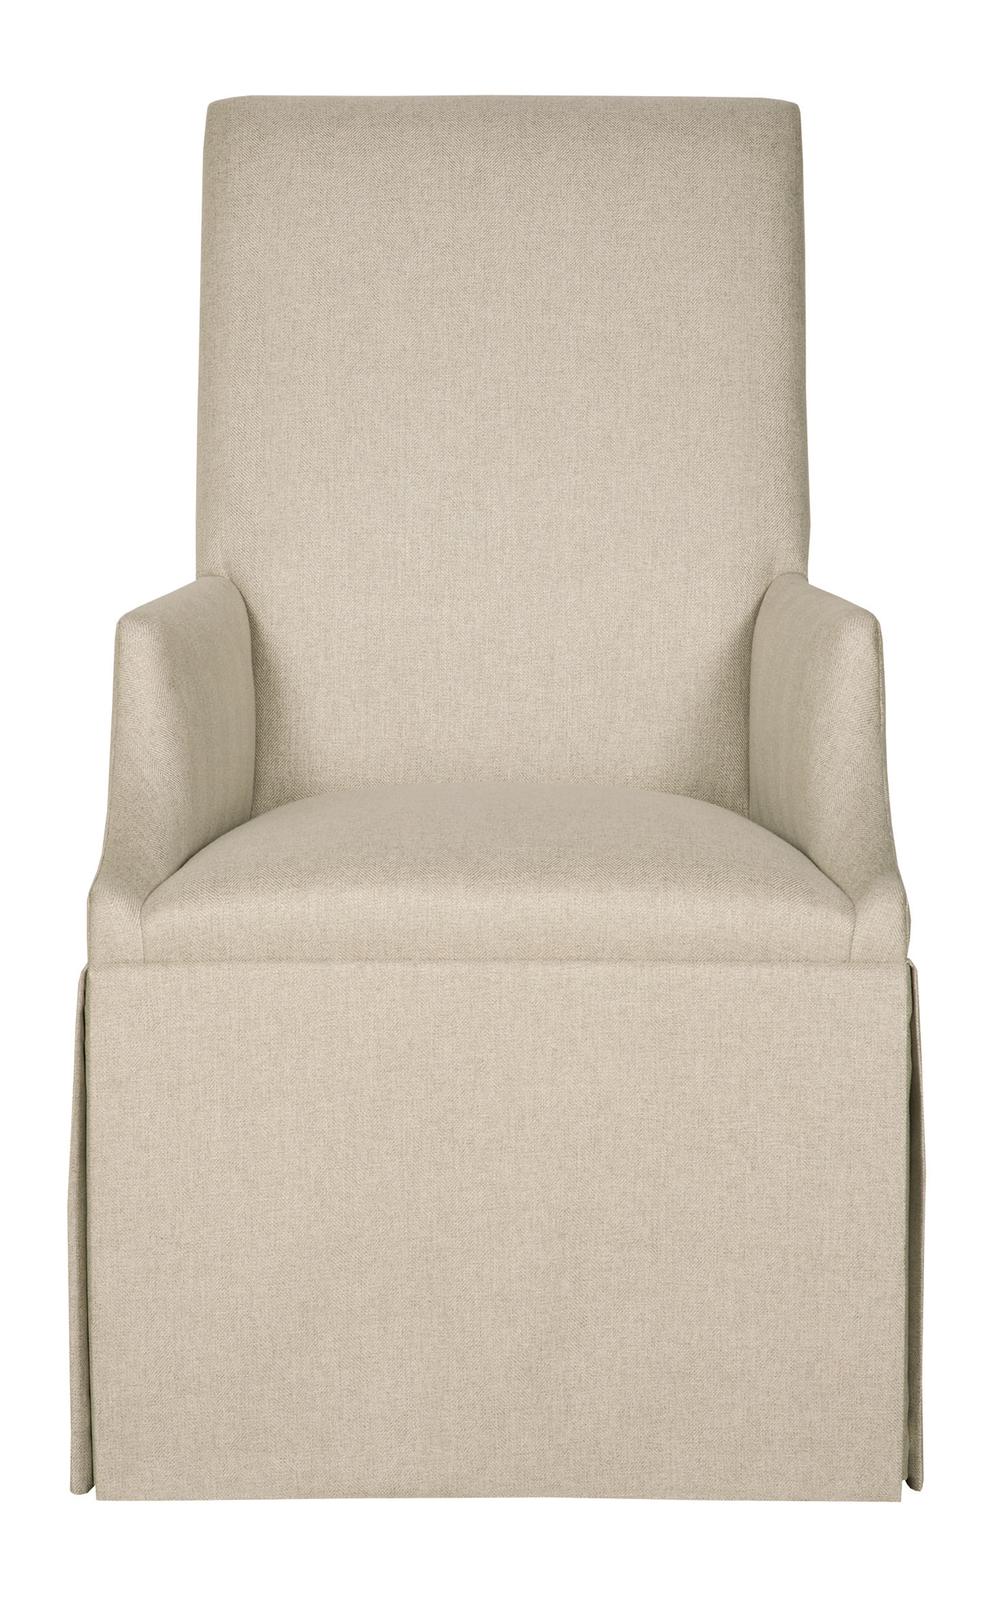 Bernhardt - Skirted Arm Chair